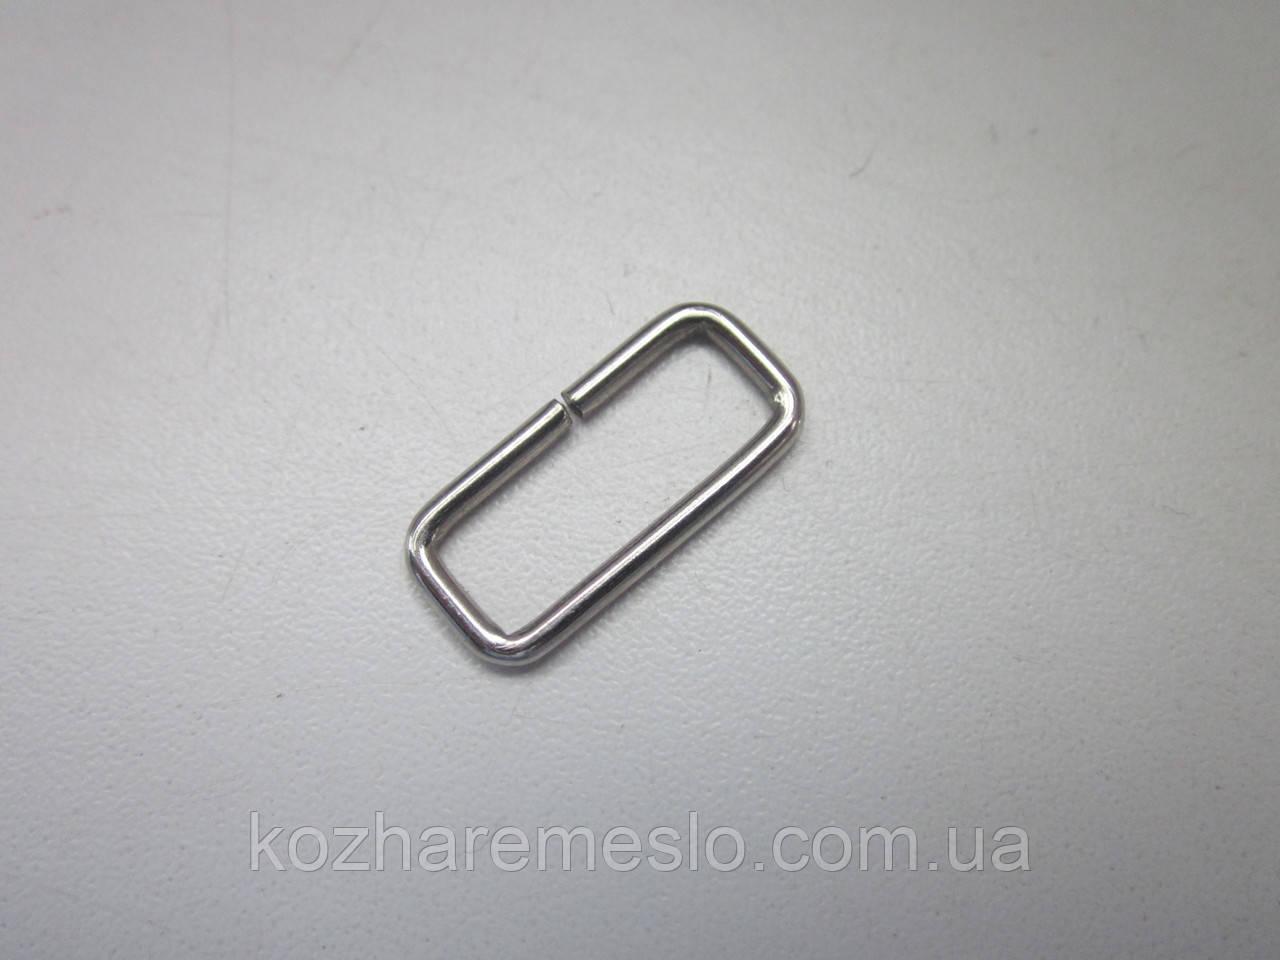 Рамка 2 х 20  х 10 мм никель